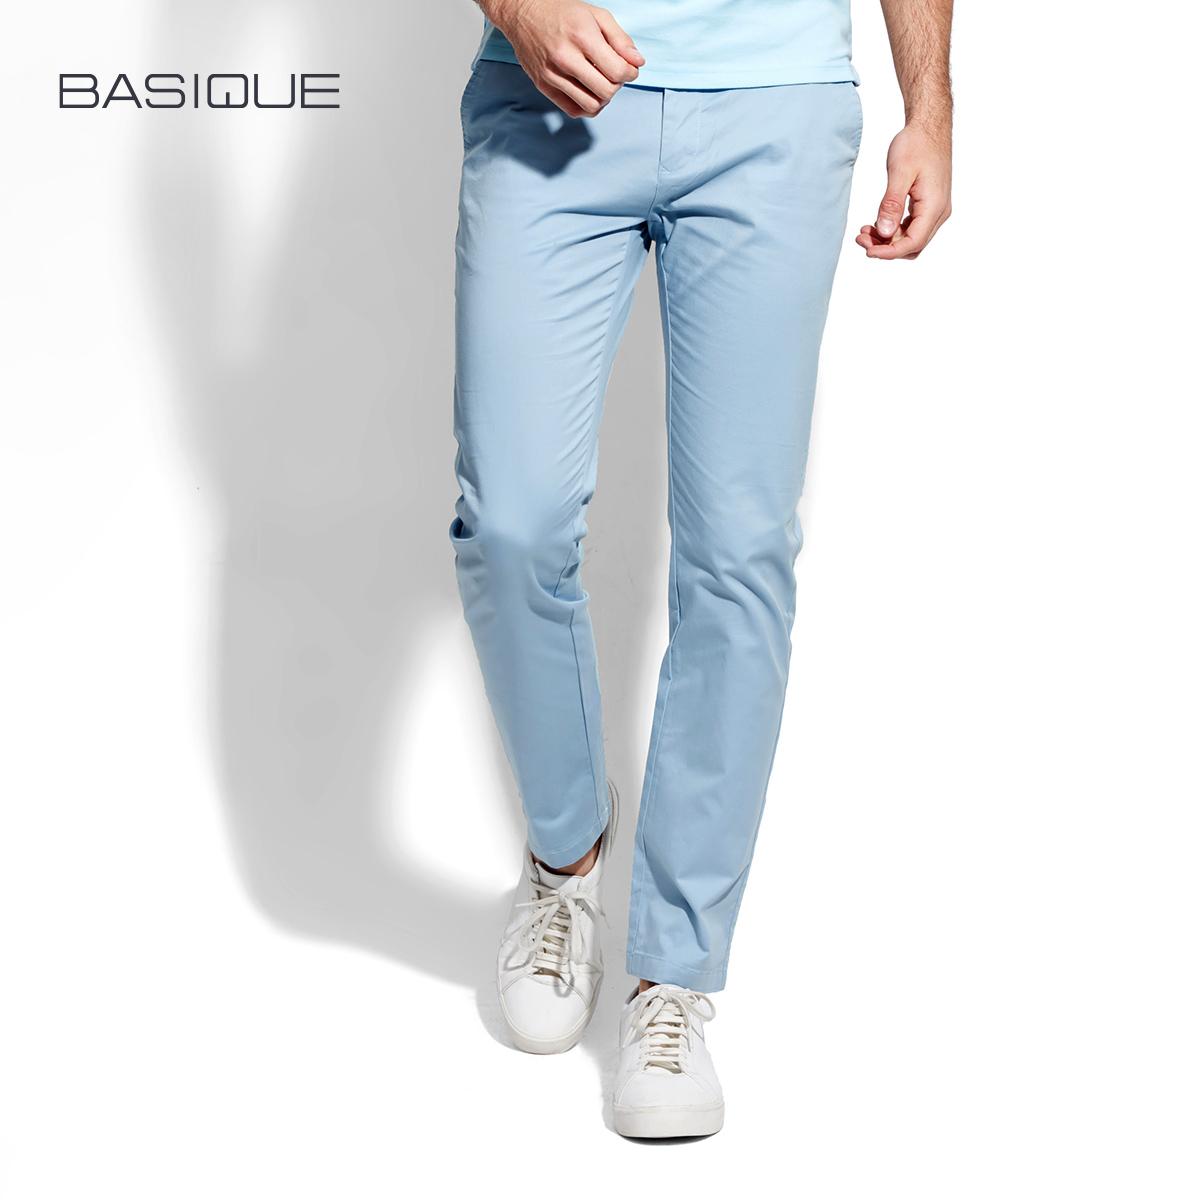 薄款彩色长裤